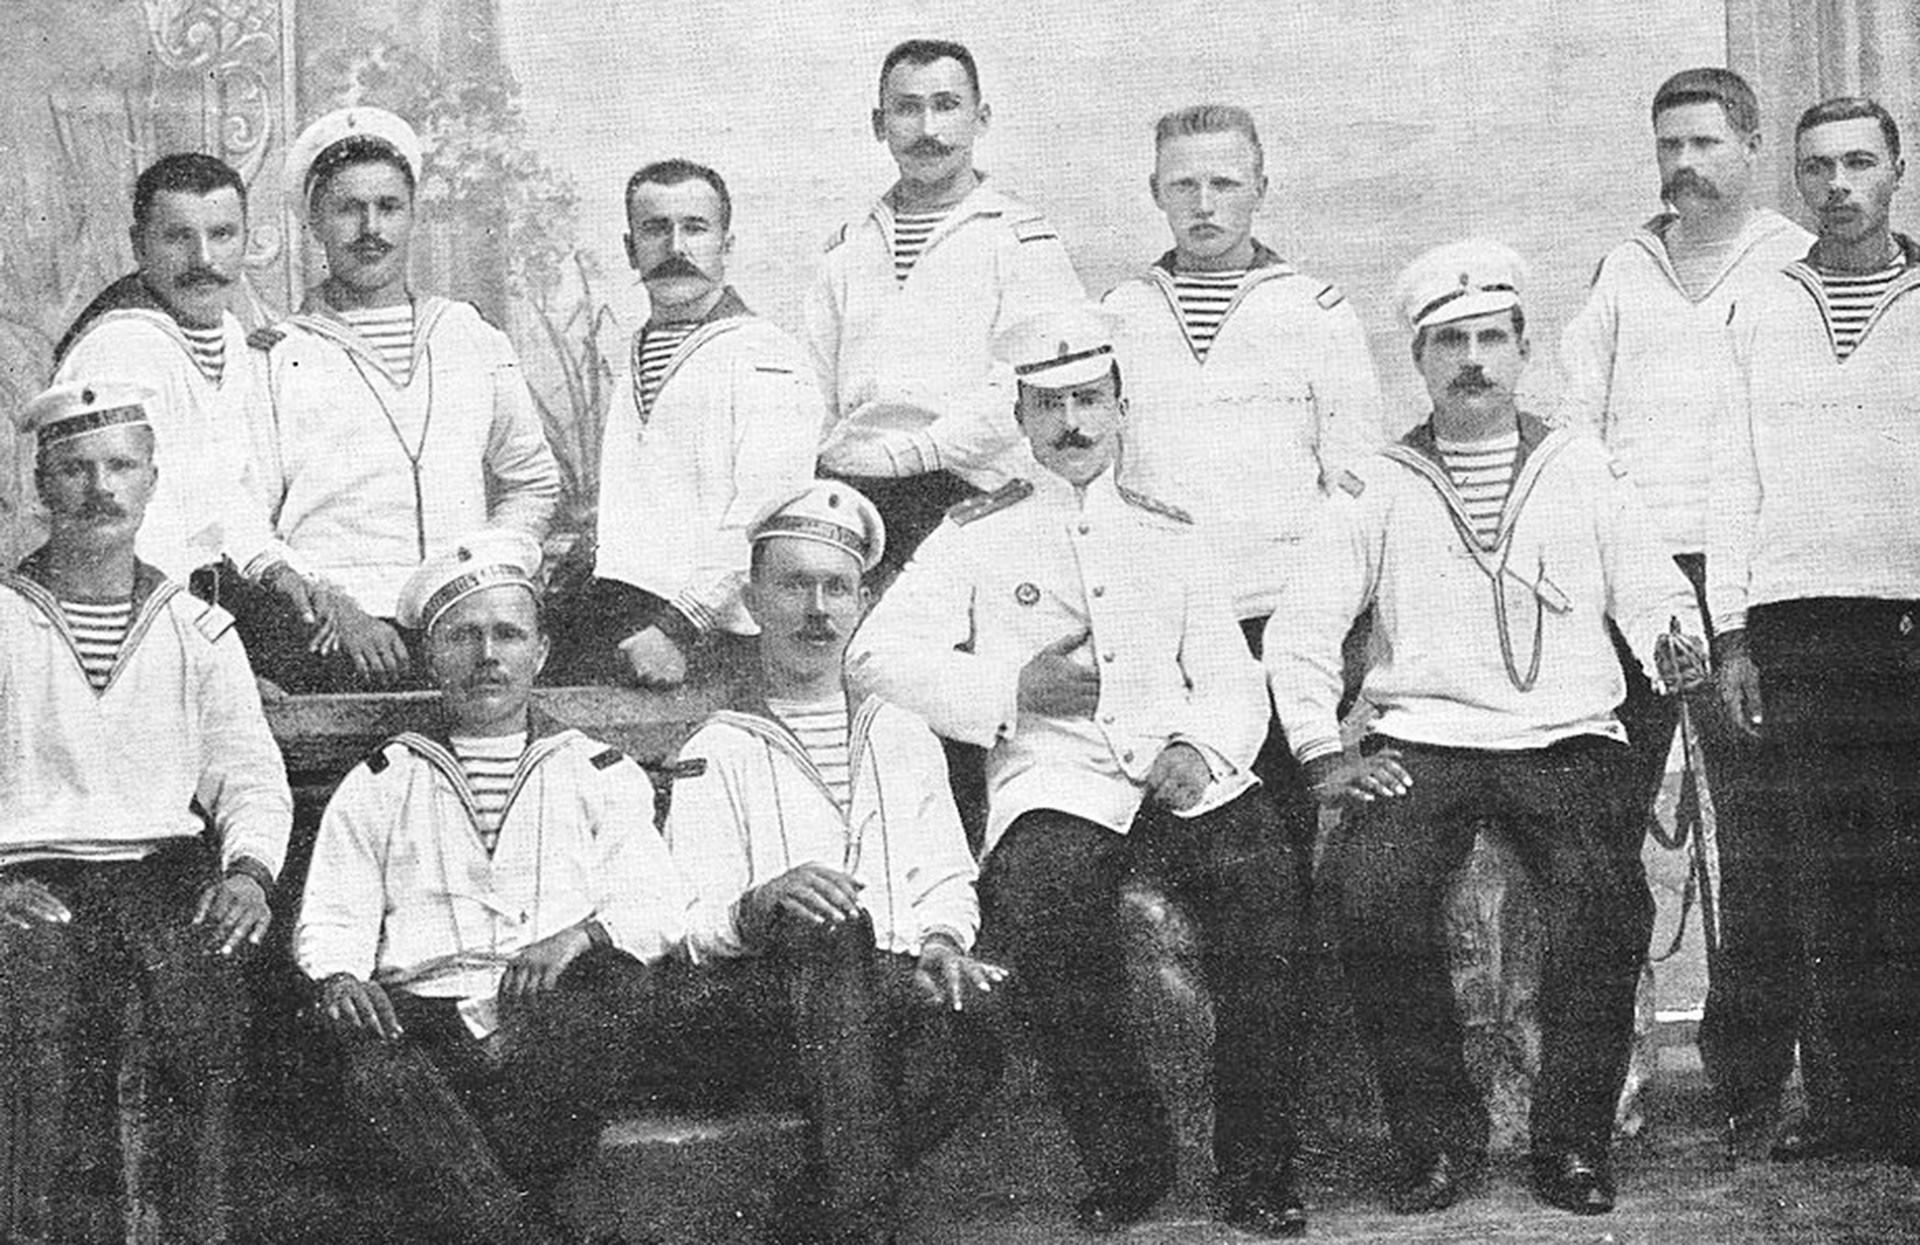 Algunos de los miembros de la tripulación del acorazado Potemkin. El teniente en el centro fue uno de los oficiales ejecutado por los rebeldes.